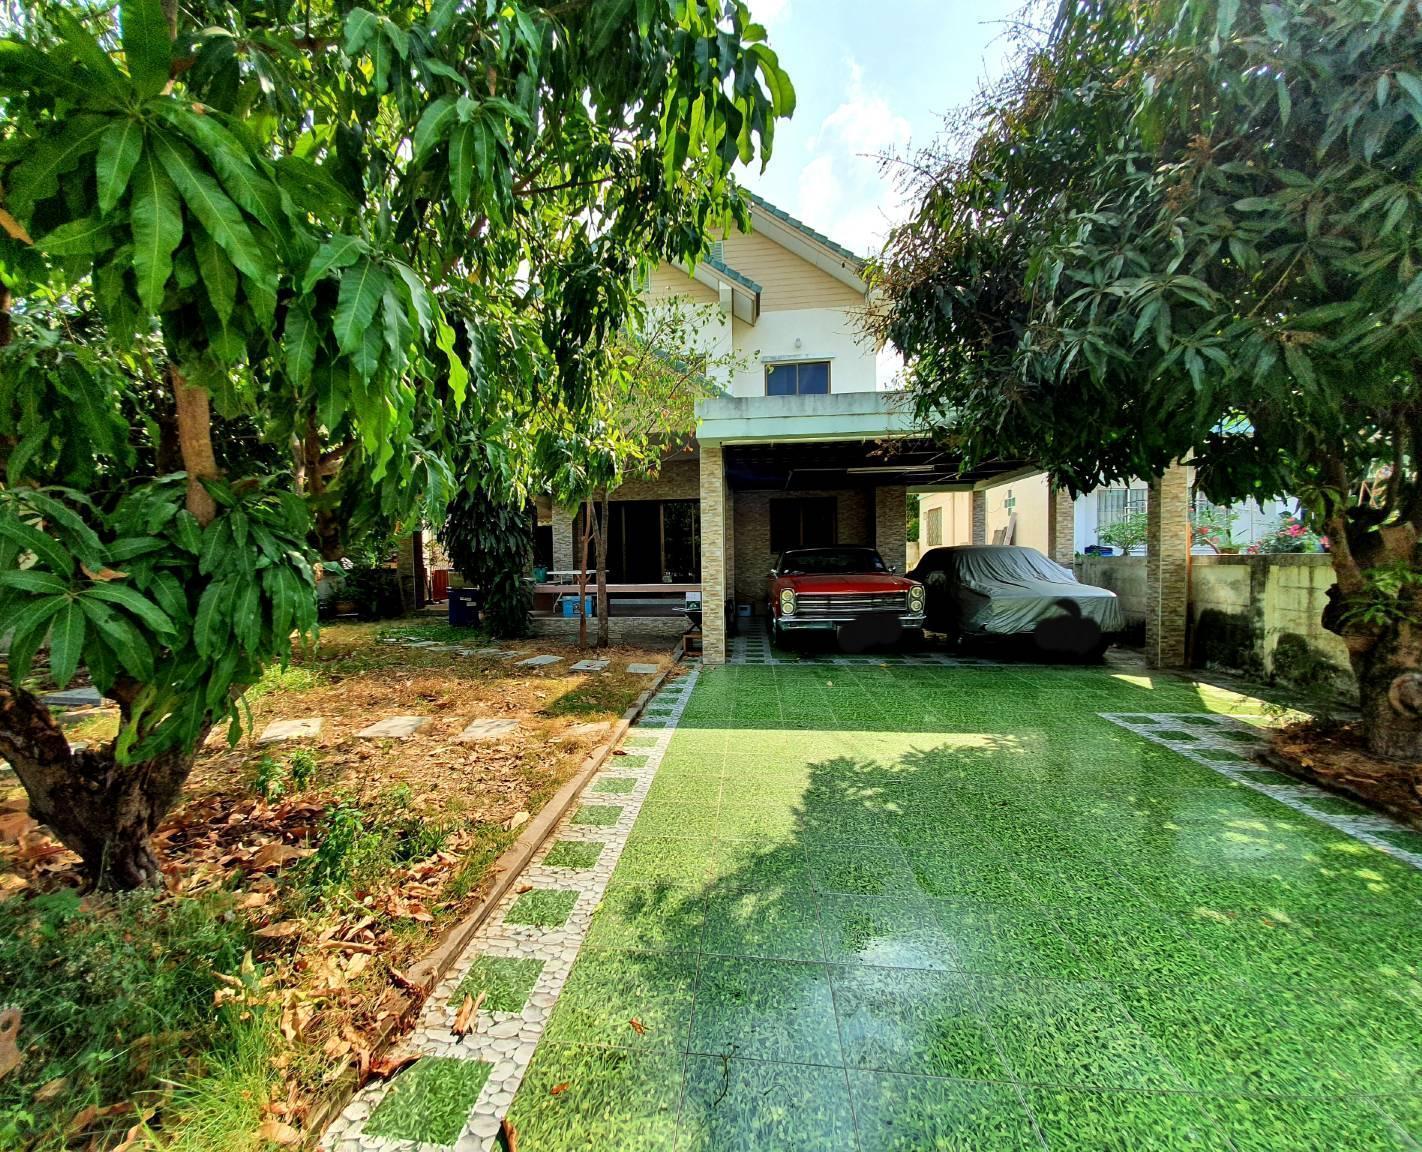 Bang-Saen House บ้านเดี่ยว 3 ห้องนอน 2 ห้องน้ำส่วนตัว ขนาด 150 ตร.ม. – บางแสน